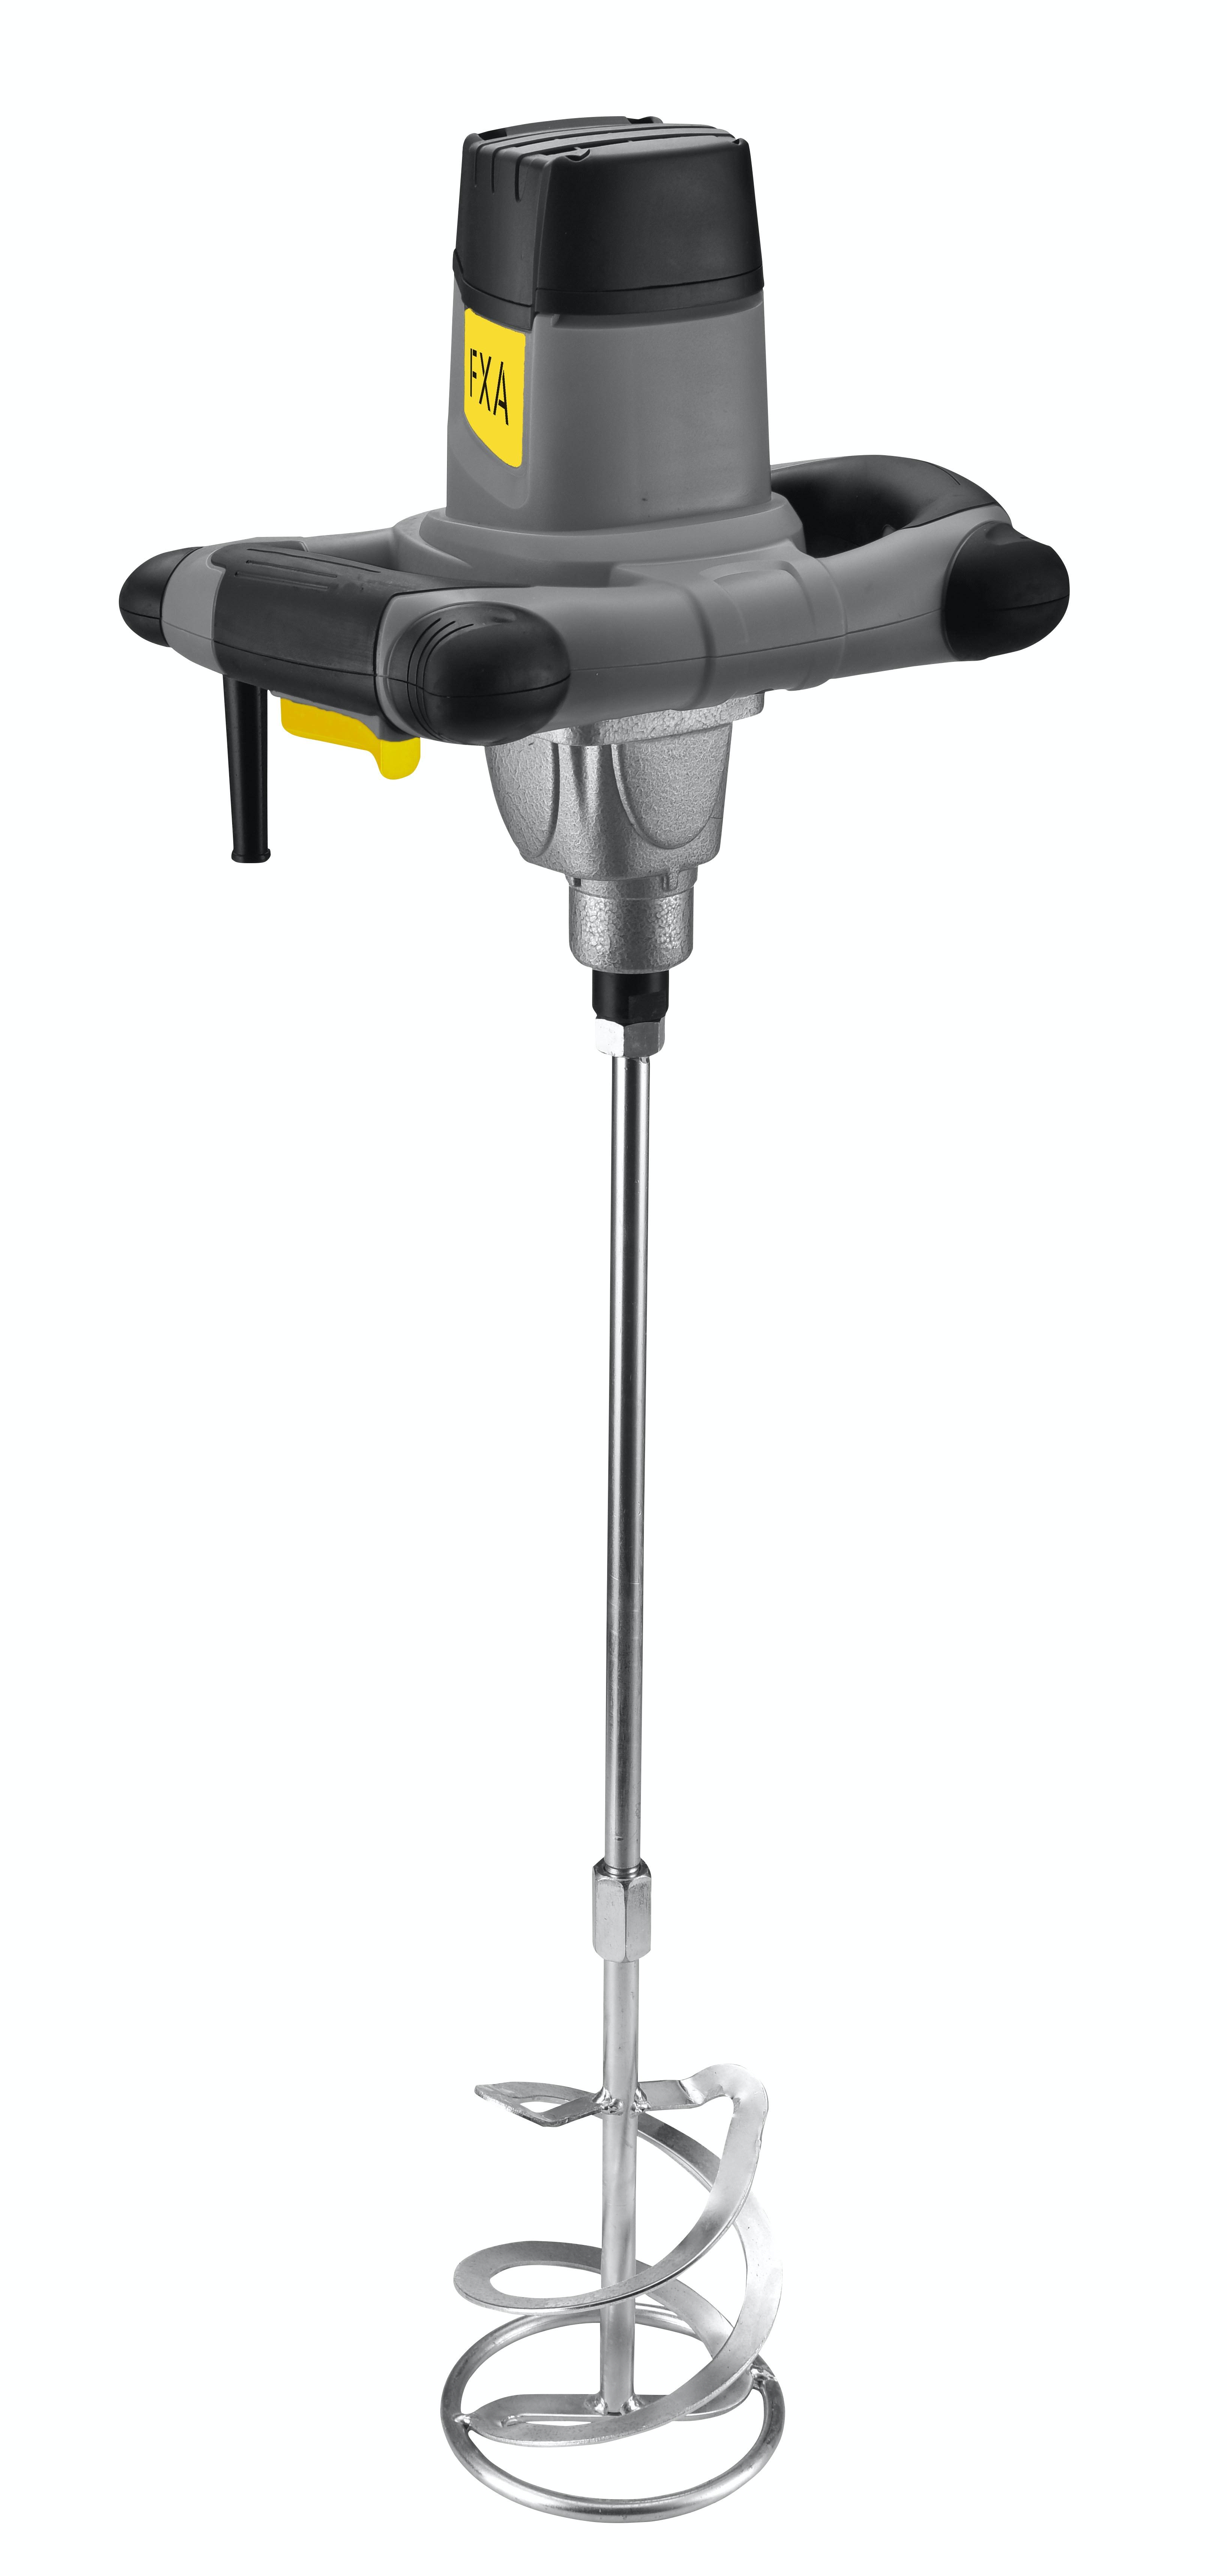 Murbruksblandare Fxa R6211A 1-Hastighet 1200W